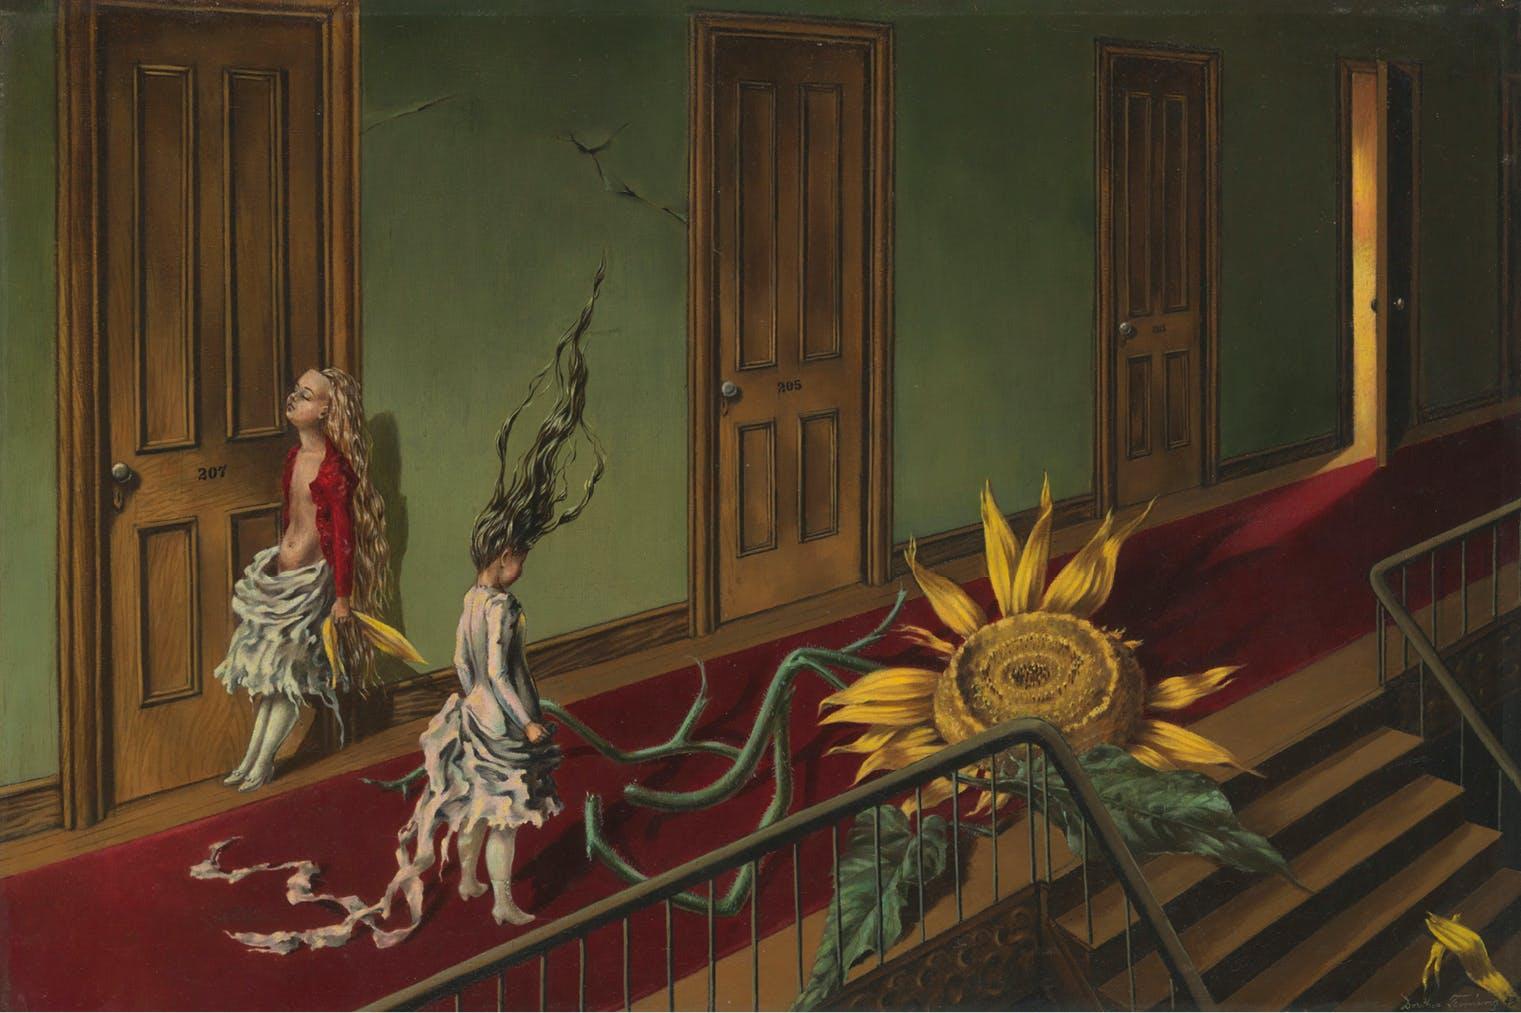 Eine Kleine Nachtmusik (1943), Dorothea Tanning. Tate Collection.